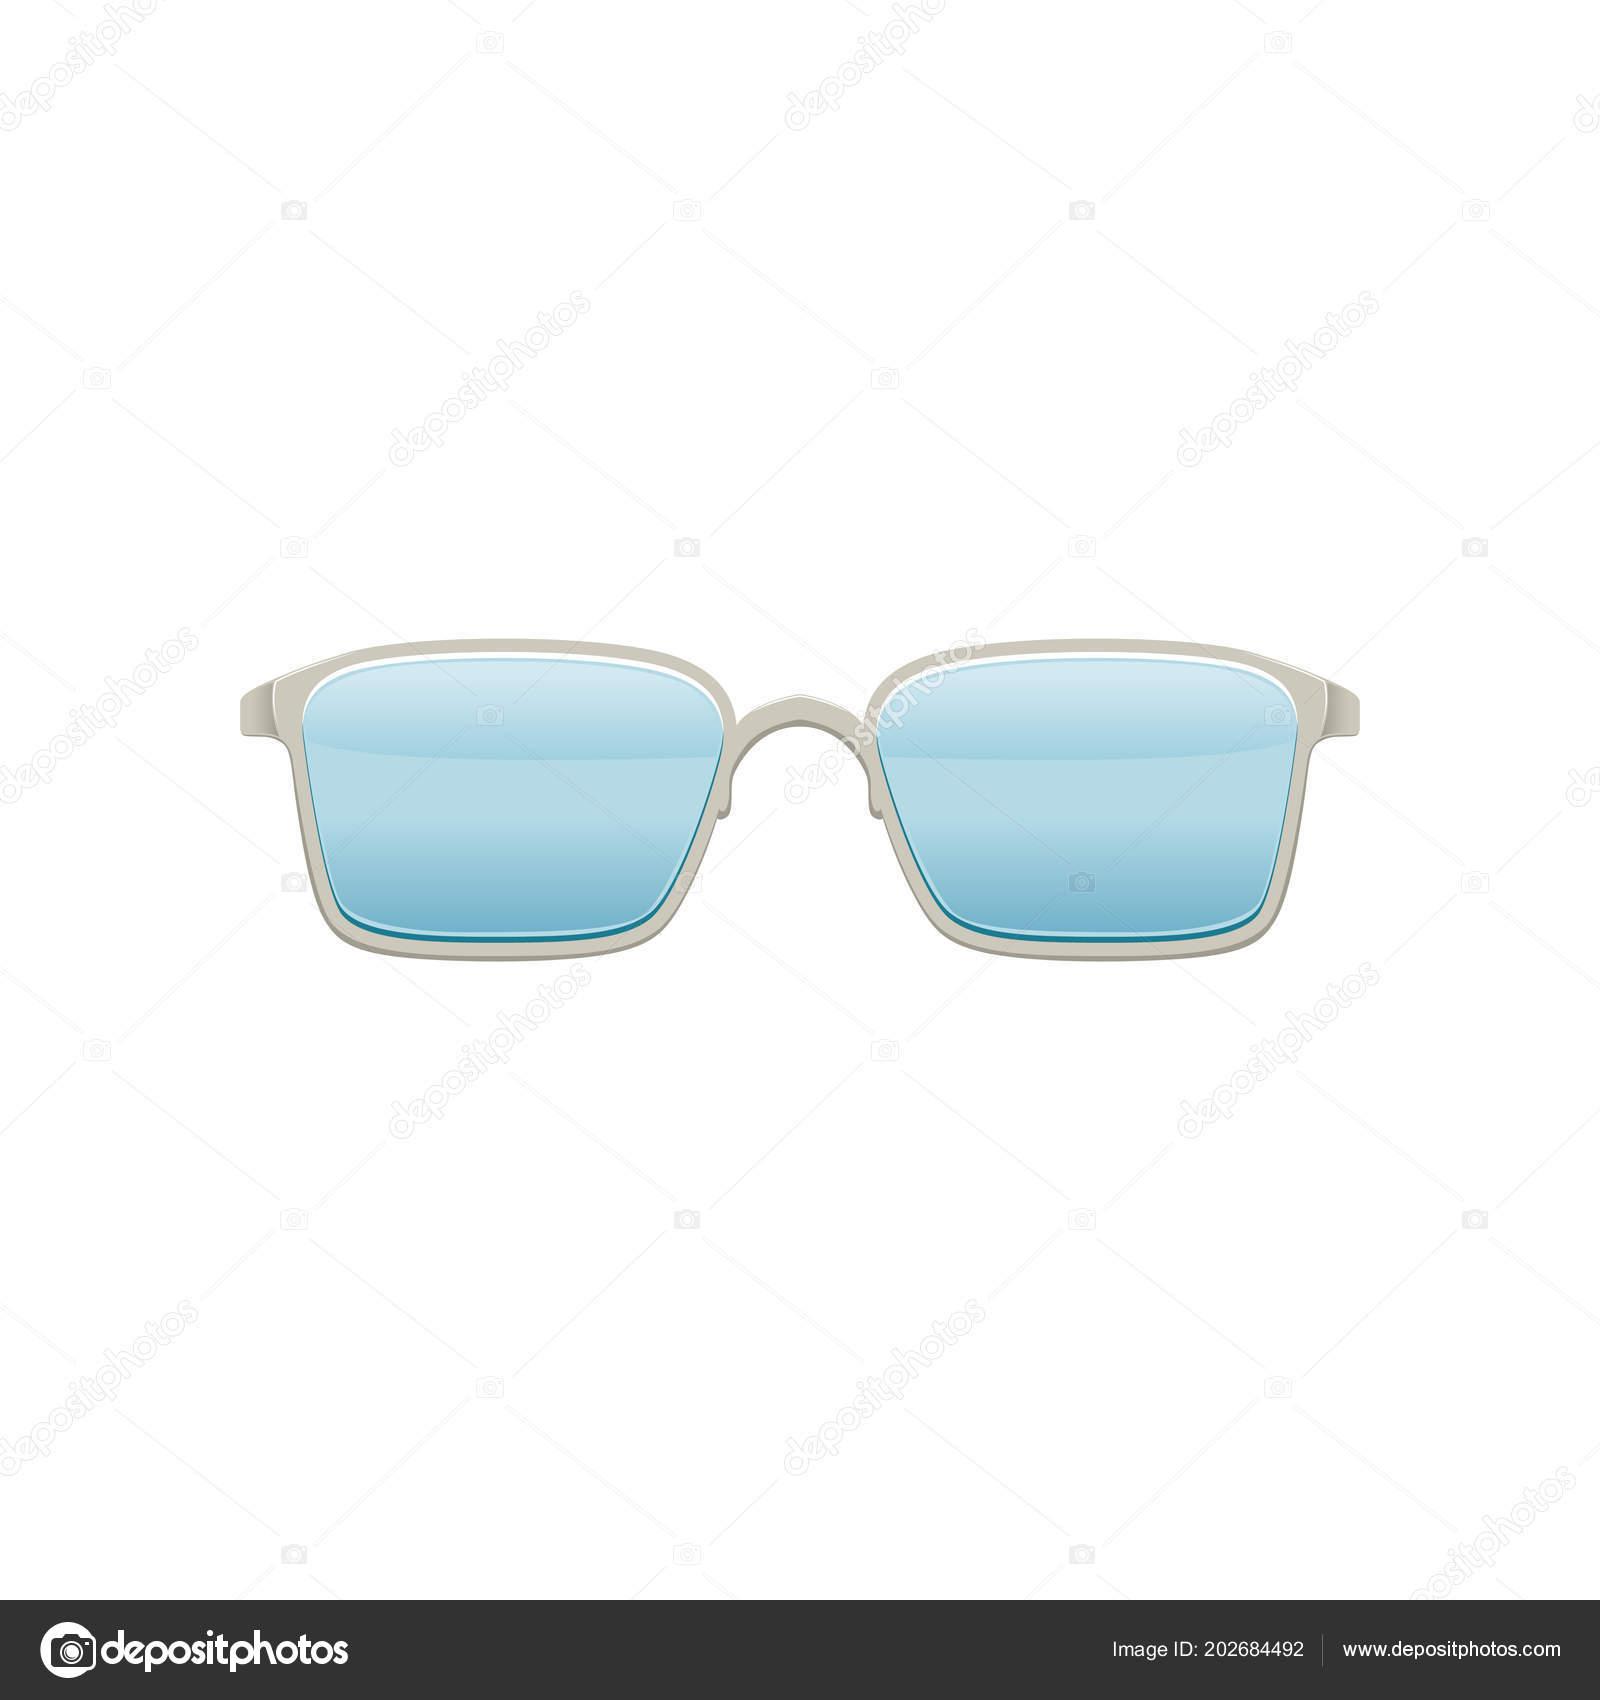 Wayfarer óculos de sol com lentes azuis e armação metálica. Óculos  elegantes. Óculos de 95bdca26ff